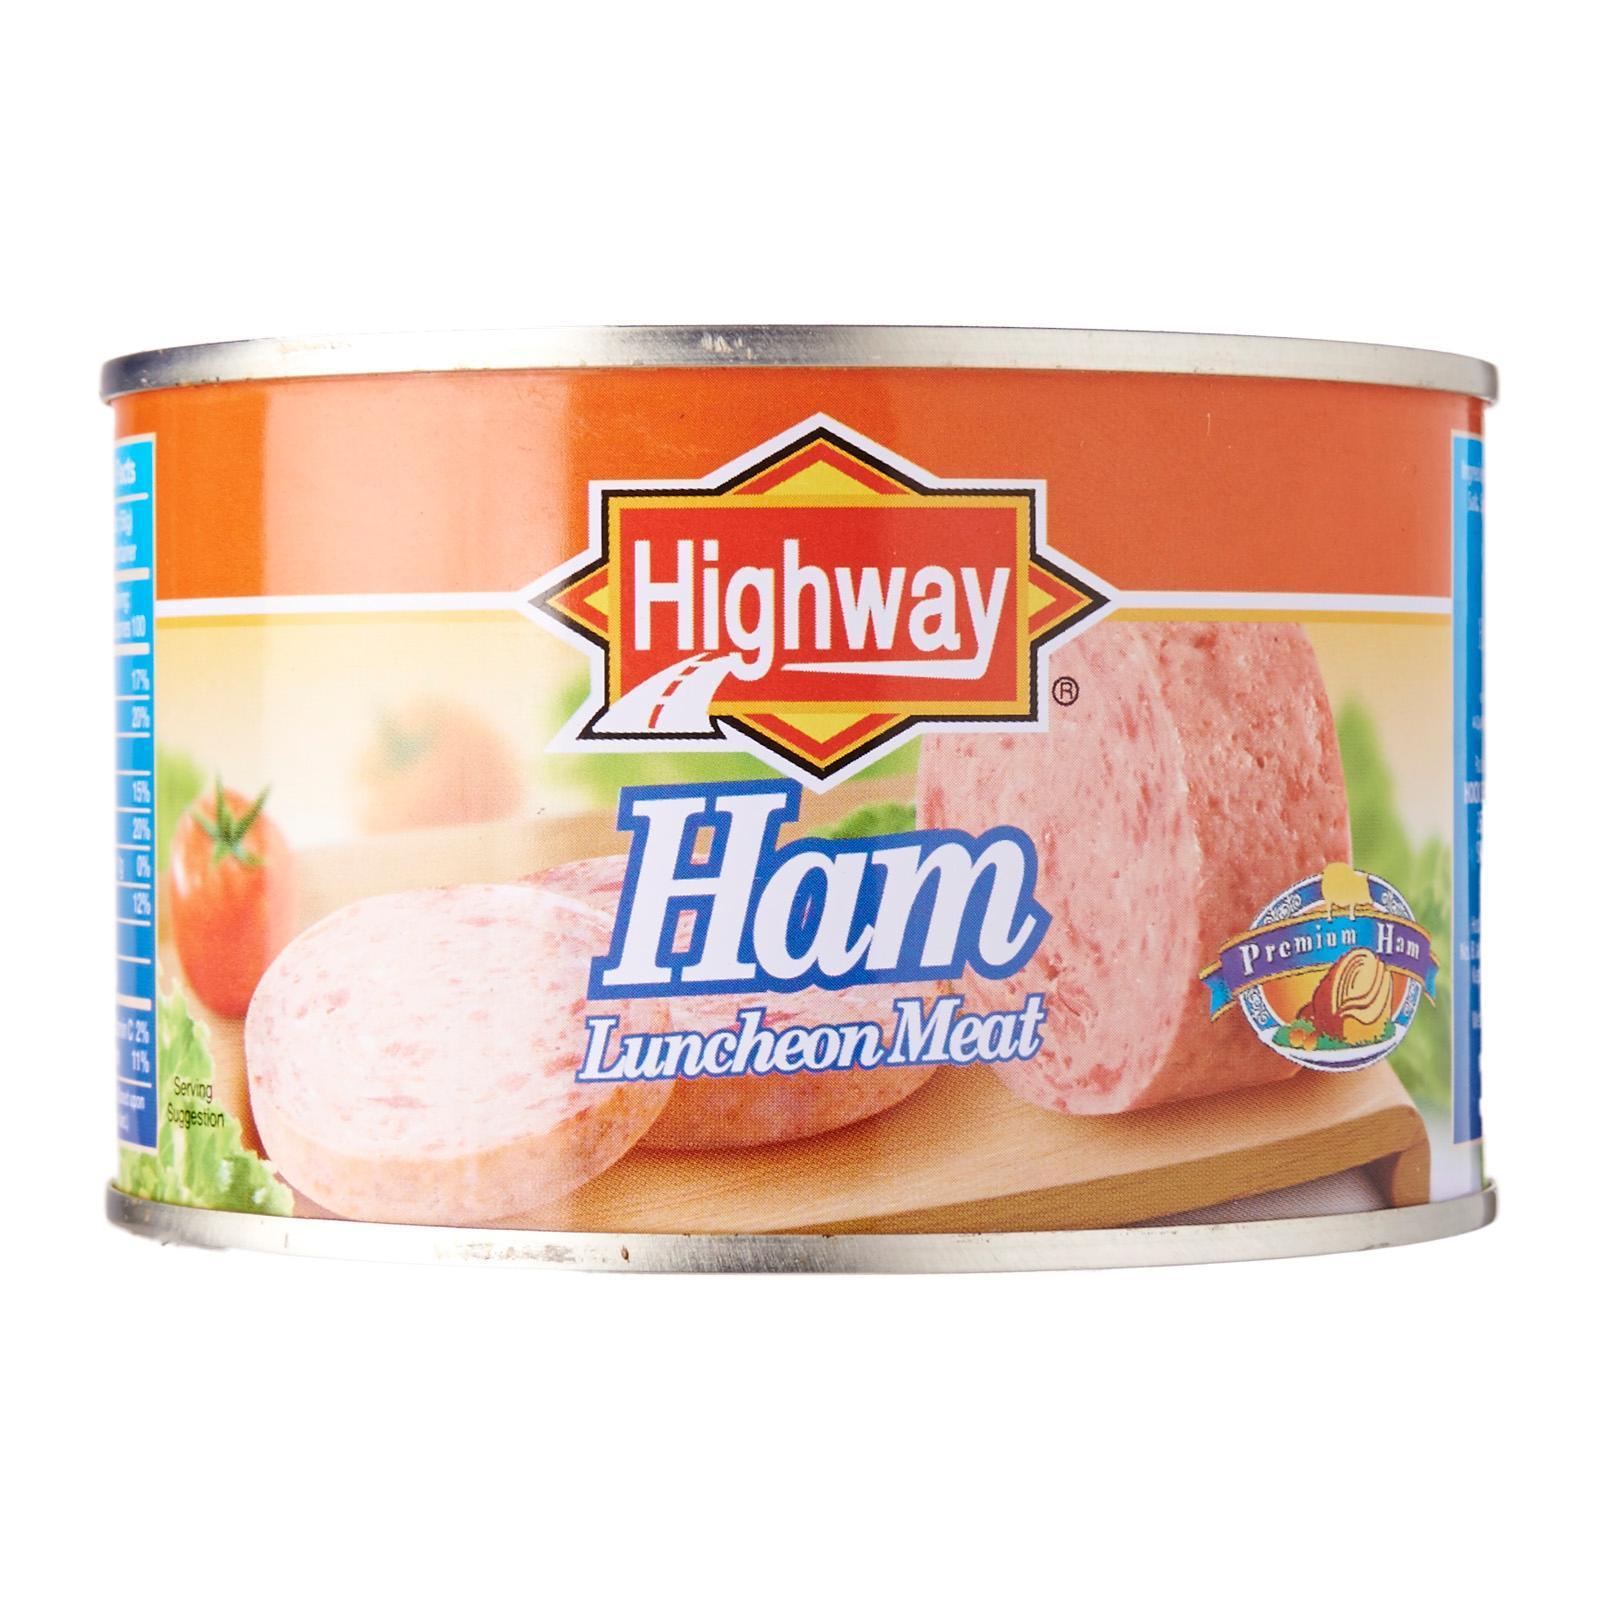 HIGHWAY Ham Luncheon Meat 397g